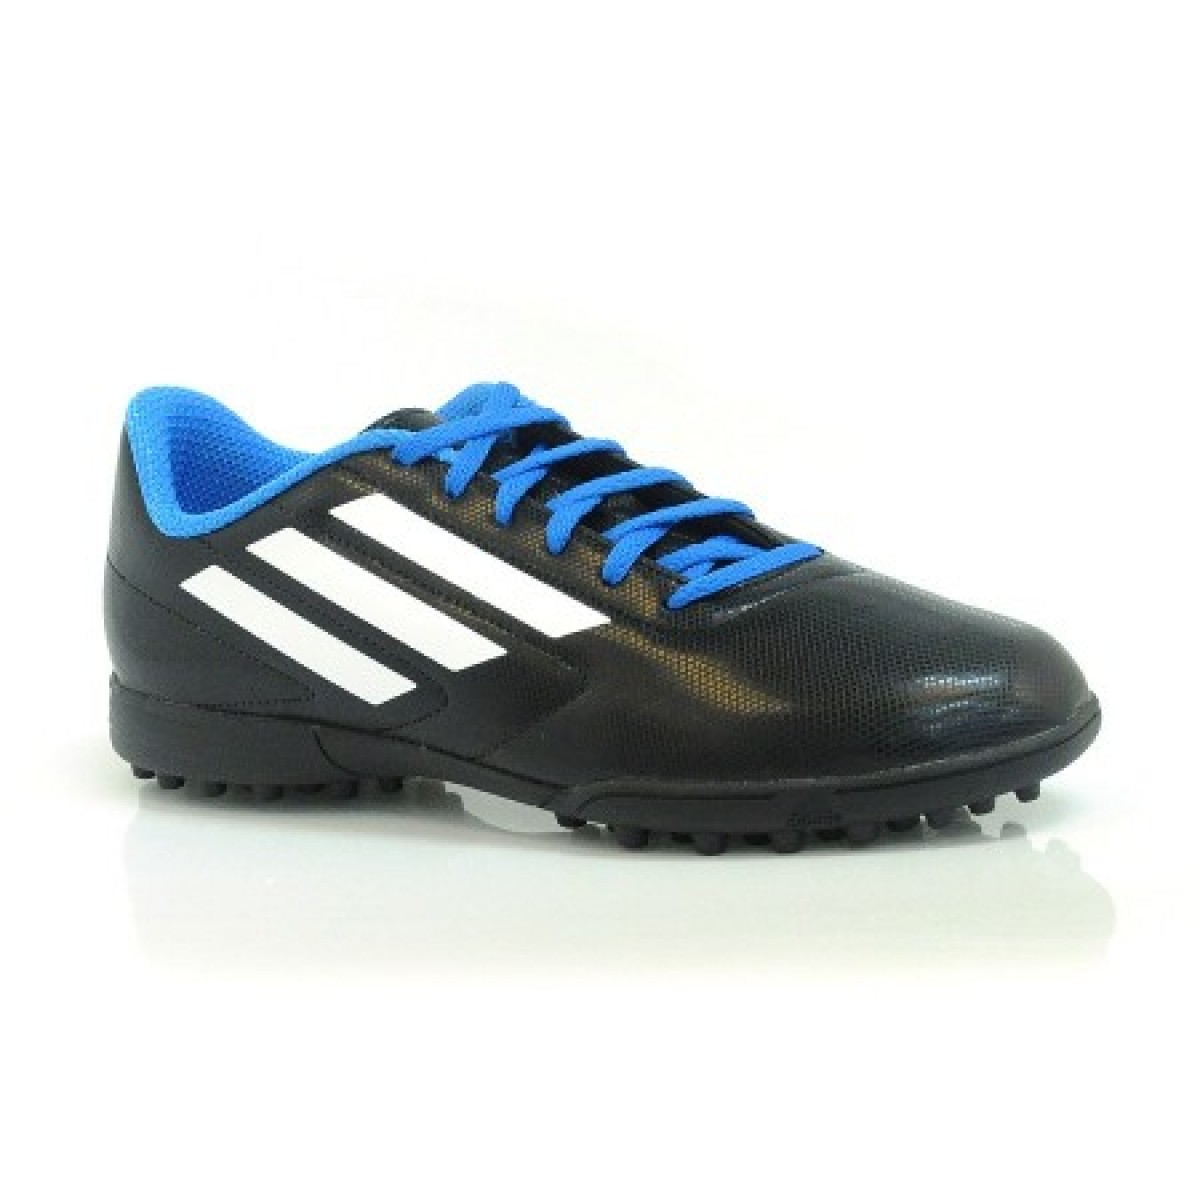 Chuteira Society Adidas Conquisto TF Exclusiva Preto - Compre Agora ... 21a38d82fe5a8